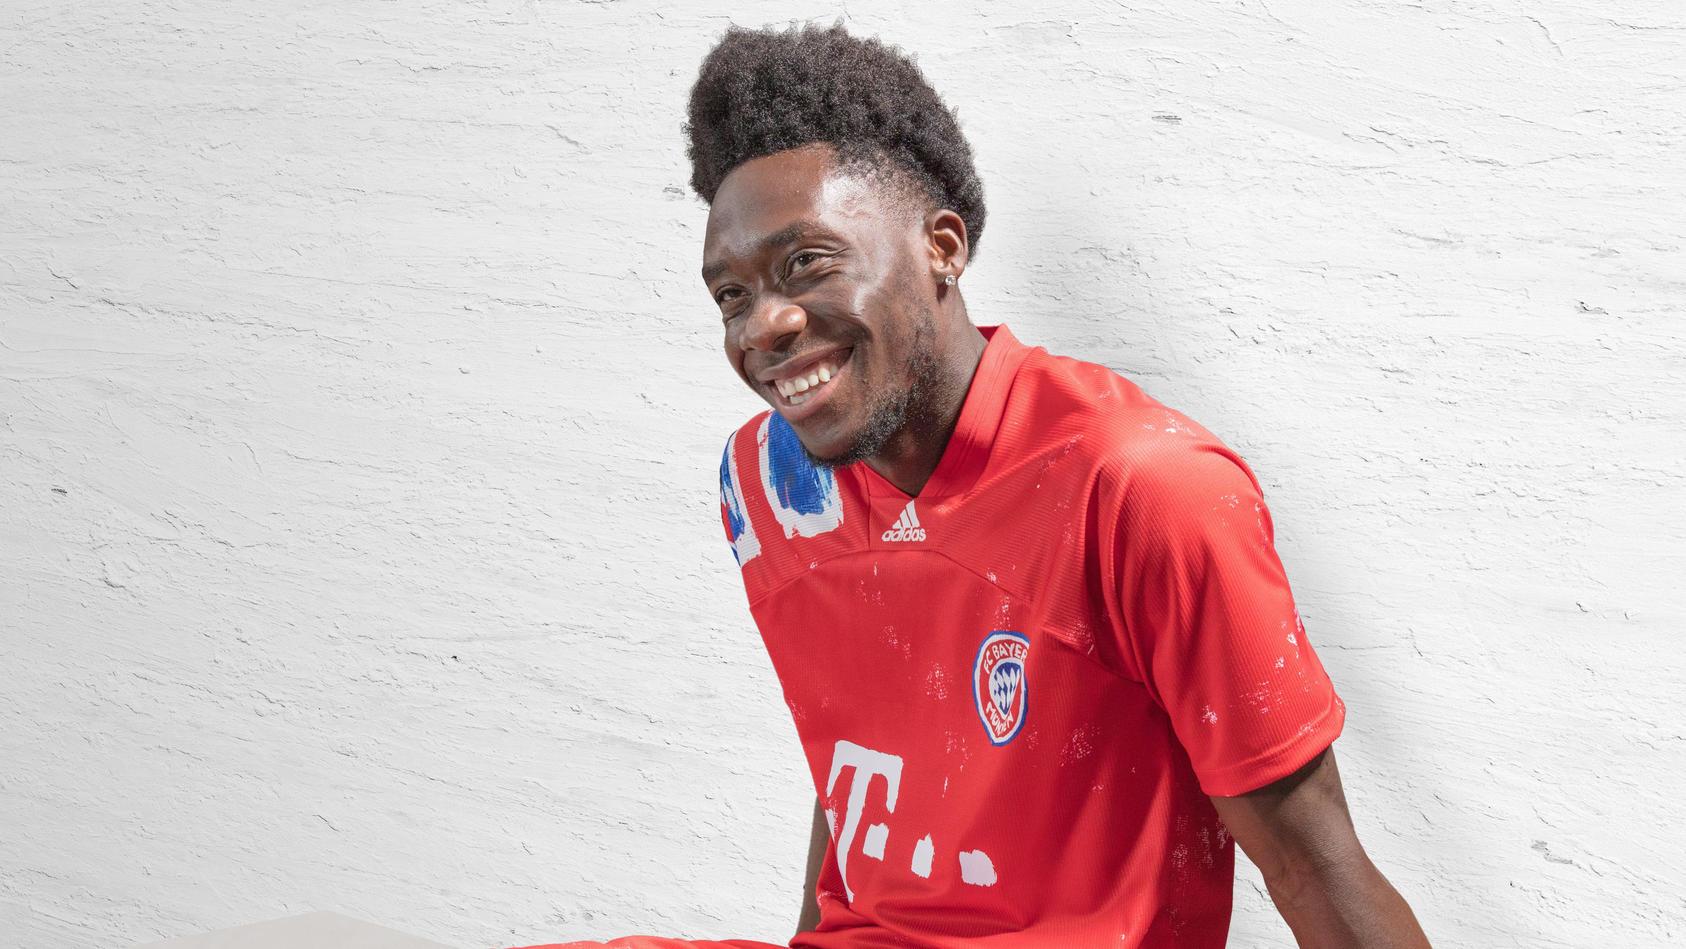 Trikots für Toleranz und Vielfalt des FC Bayern München